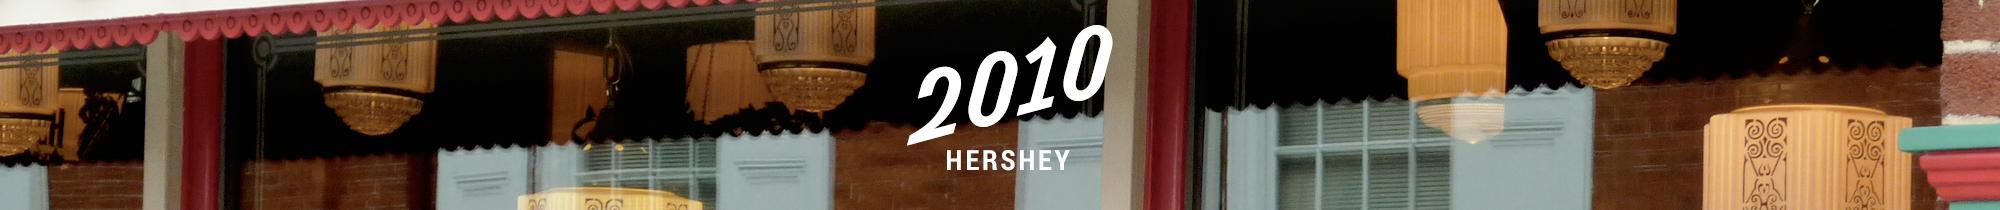 2010-hershey-slidi-02